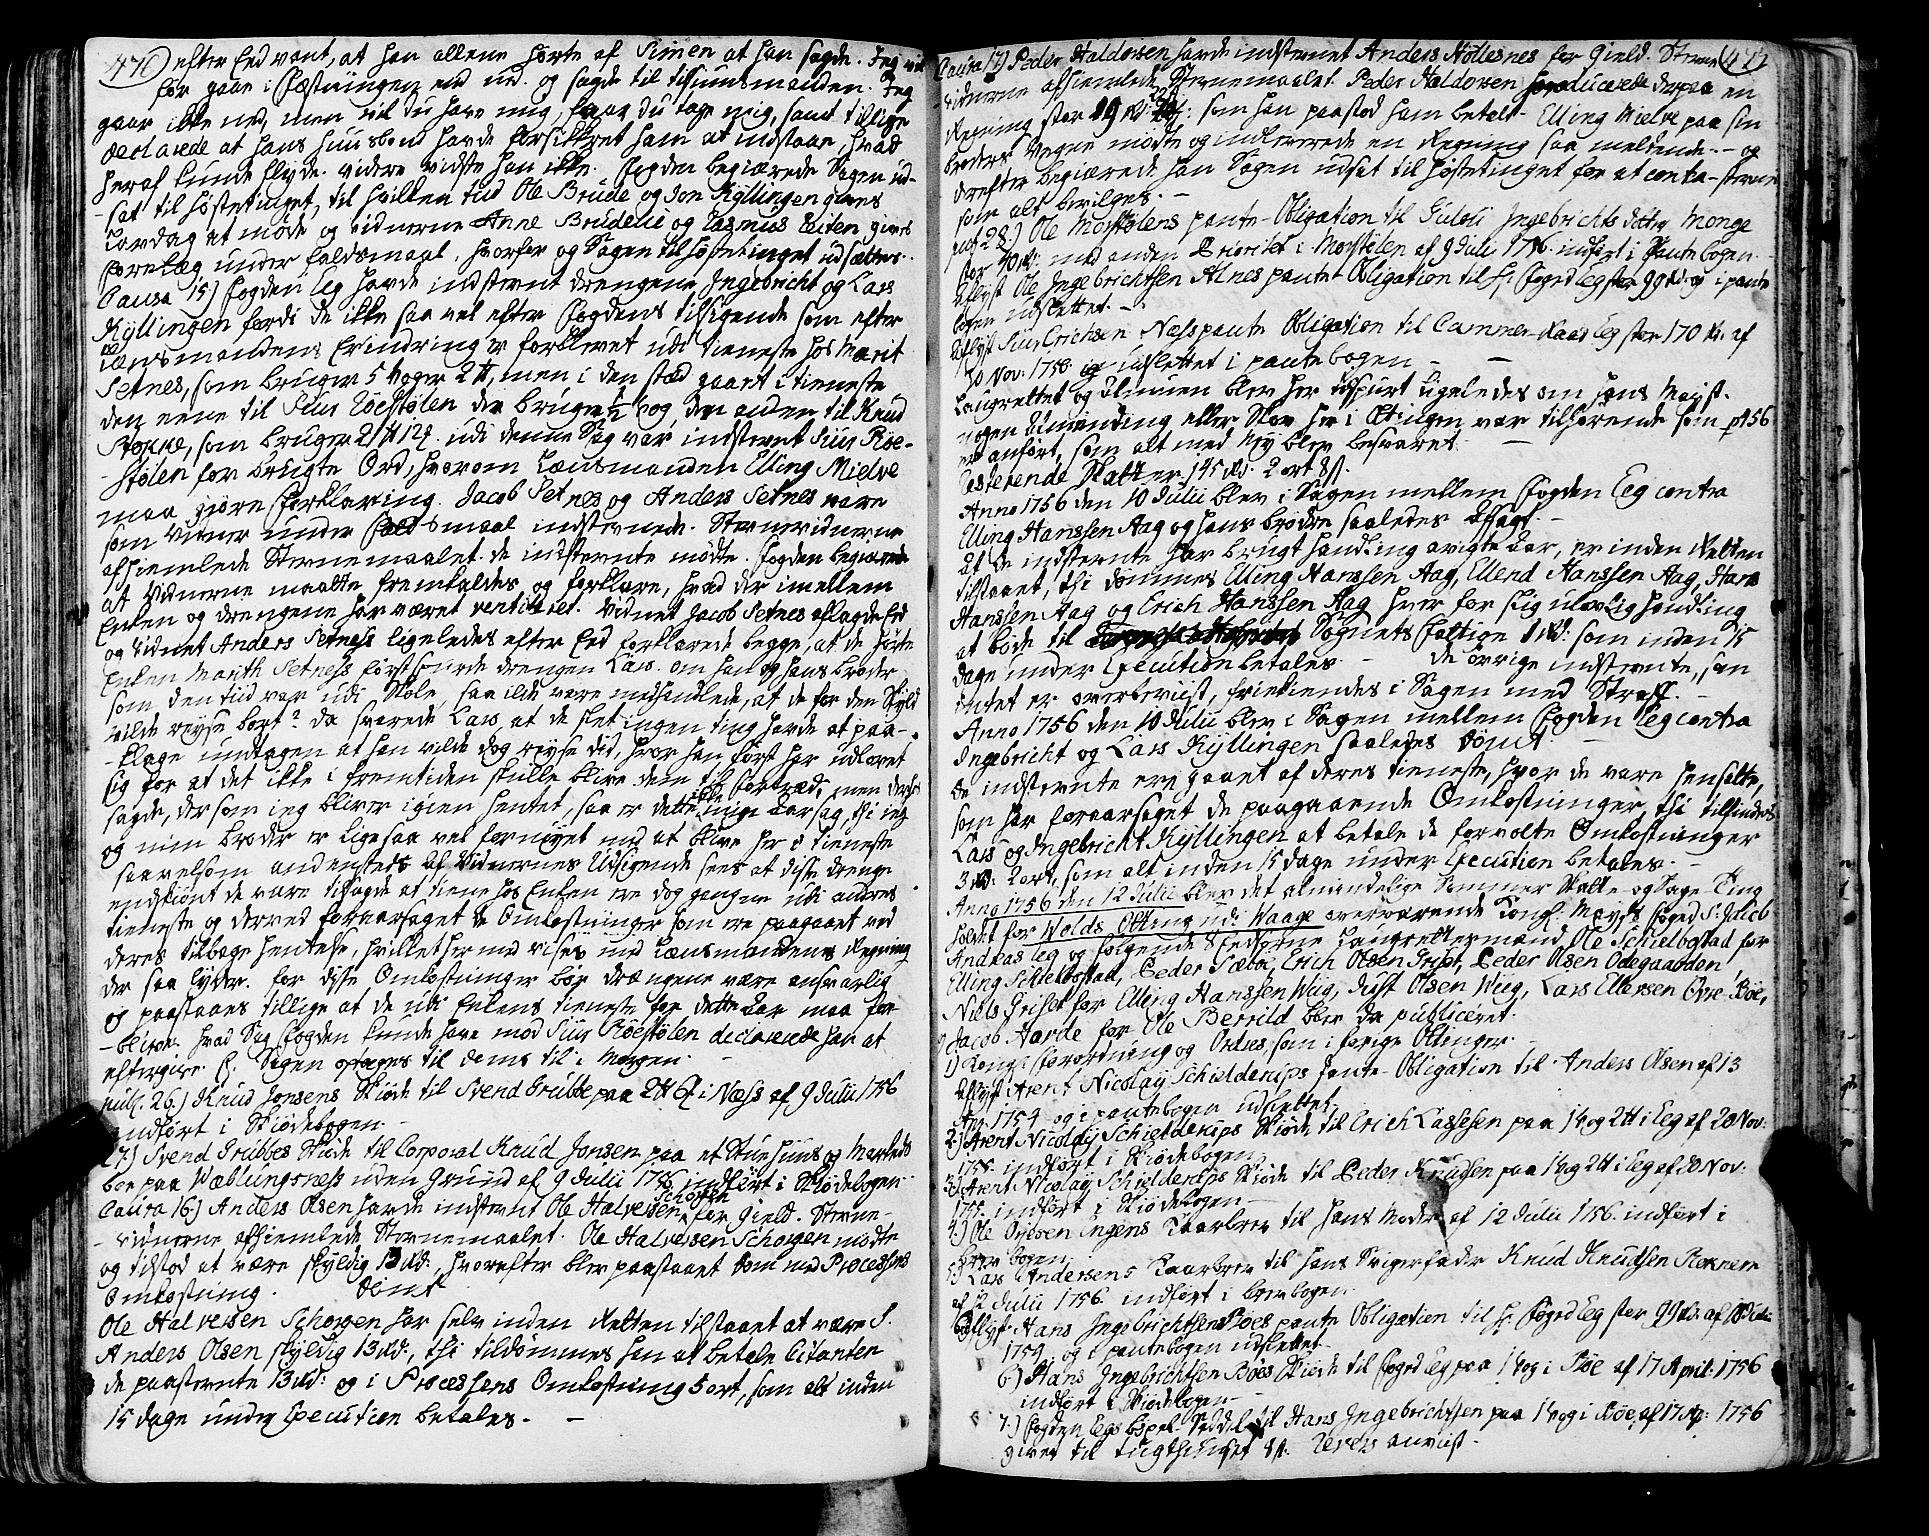 SAT, Romsdal sorenskriveri, 1/1A/L0013: Tingbok, 1749-1757, s. 476-477